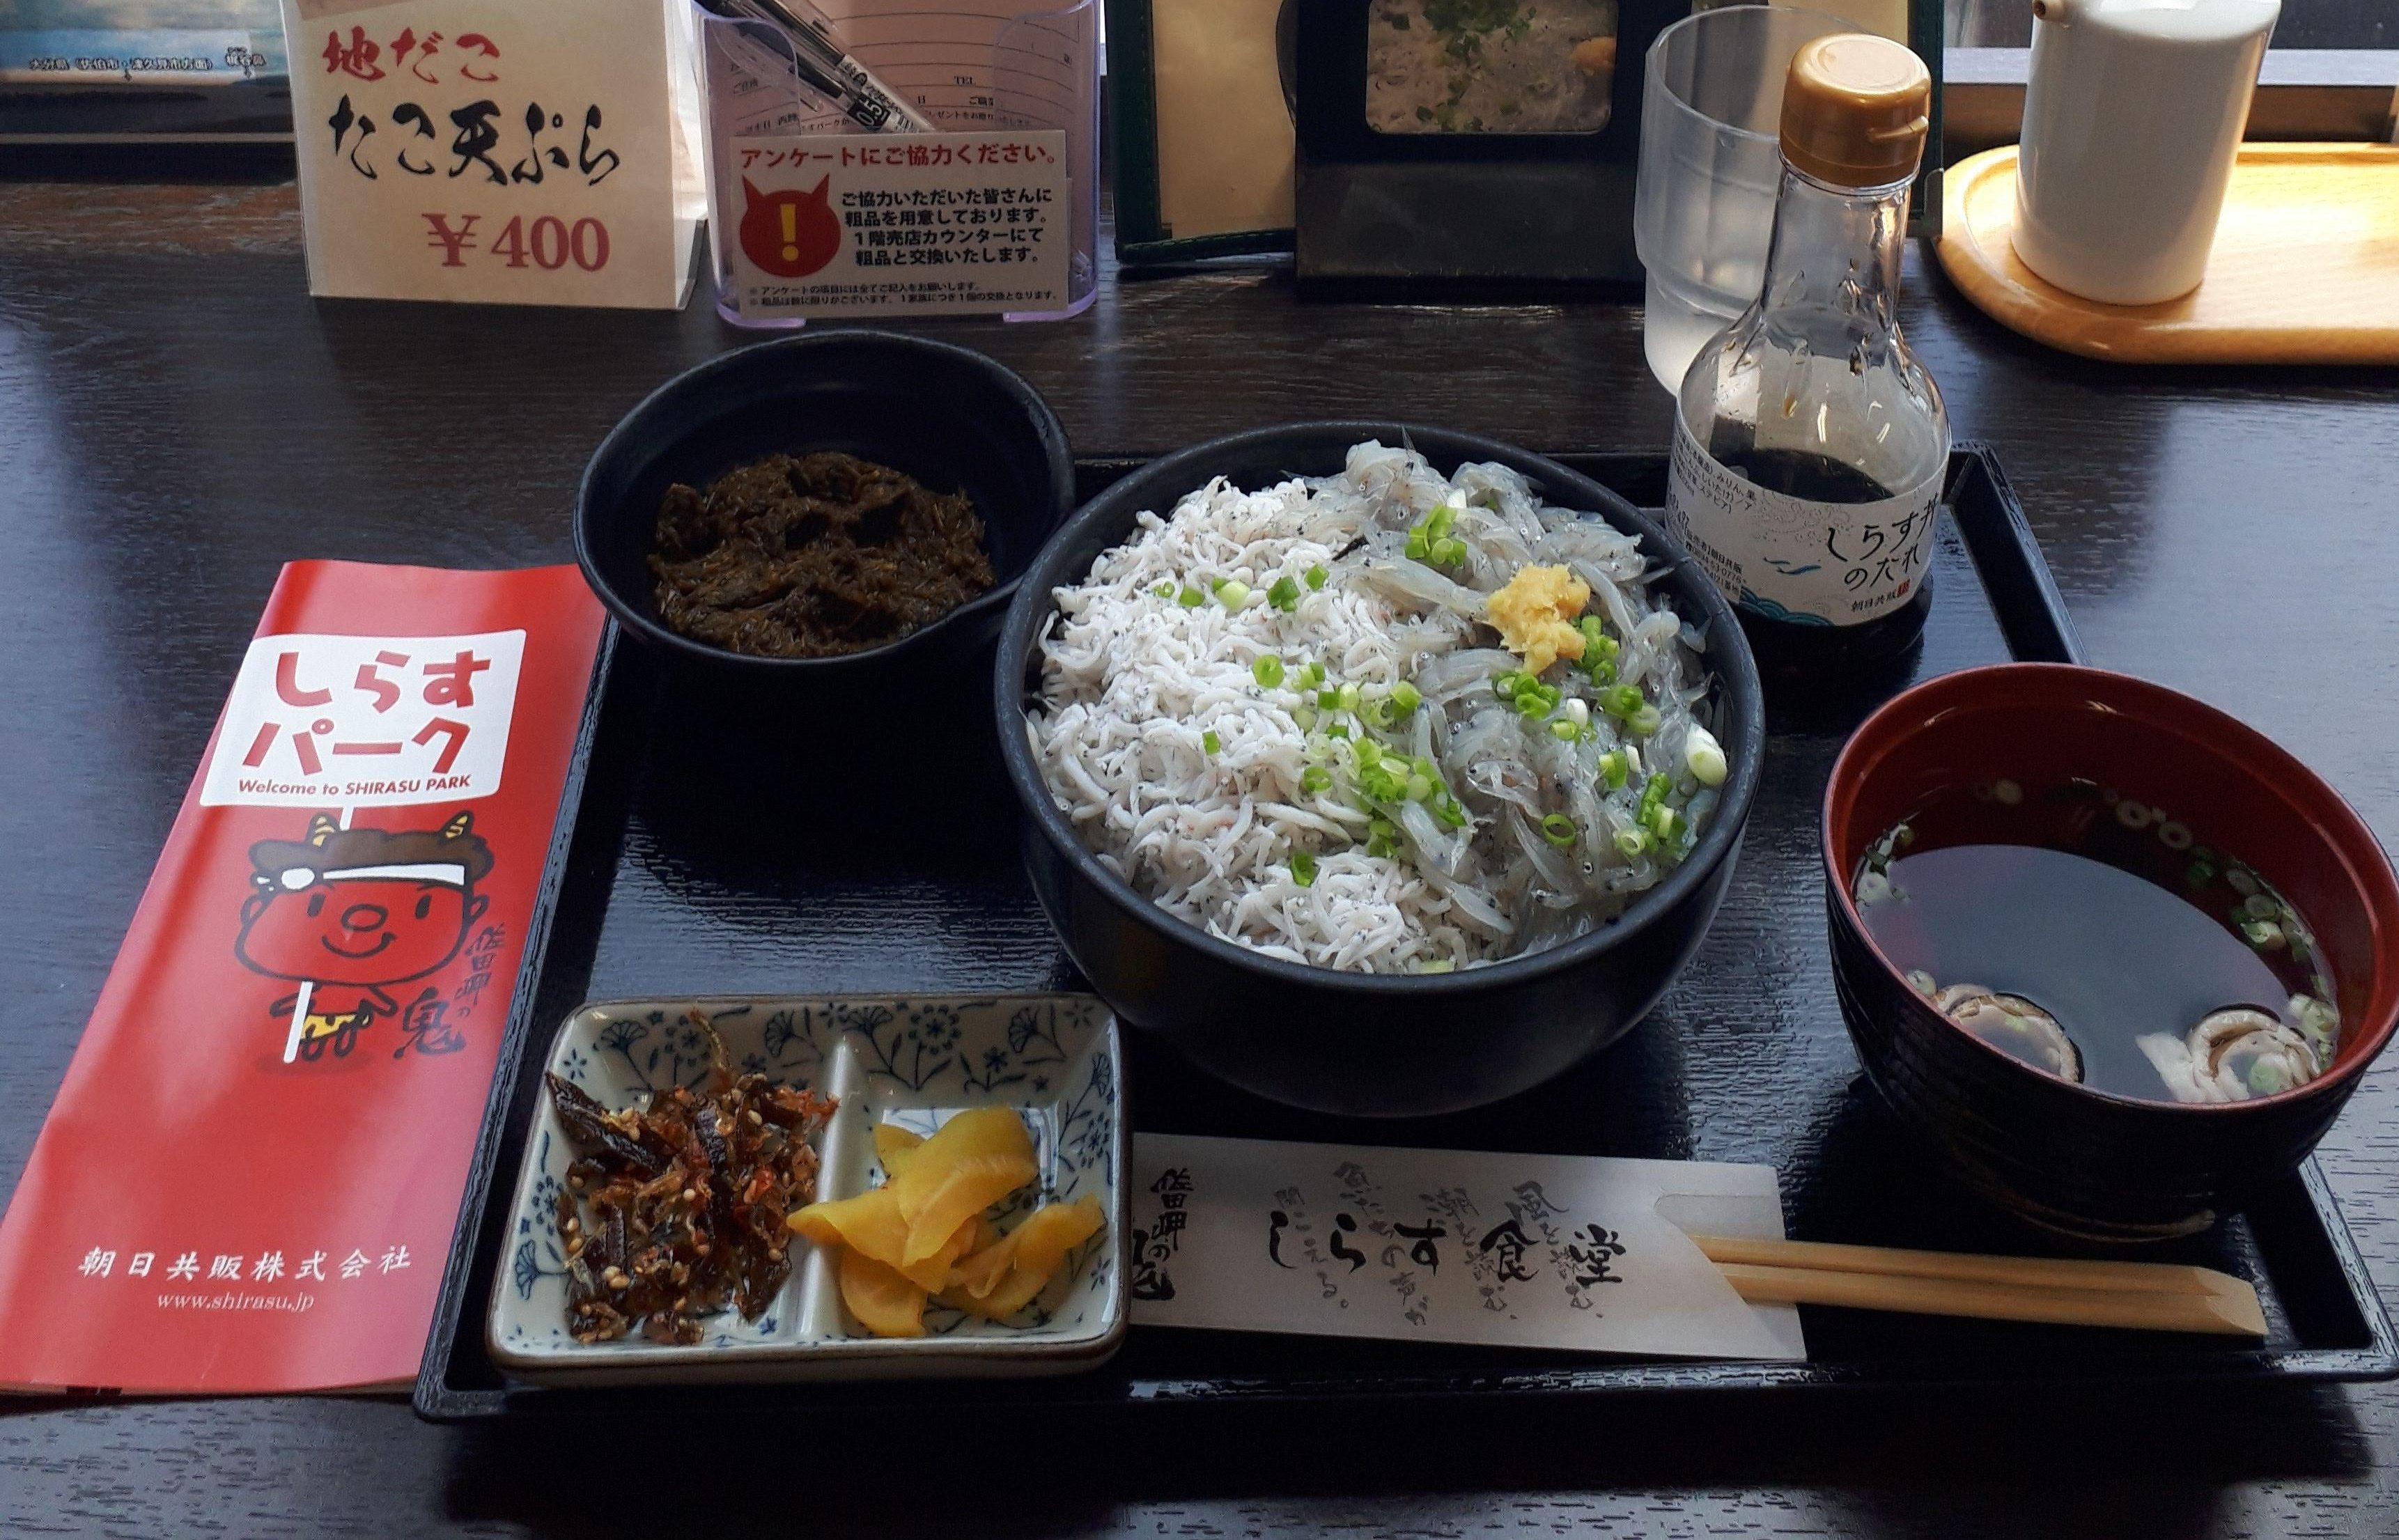 リピートしたくなる!伊方町川之浜「しらすパーク」にある「釜揚げ・生しらす2色丼」を今日も食べてきたよ!